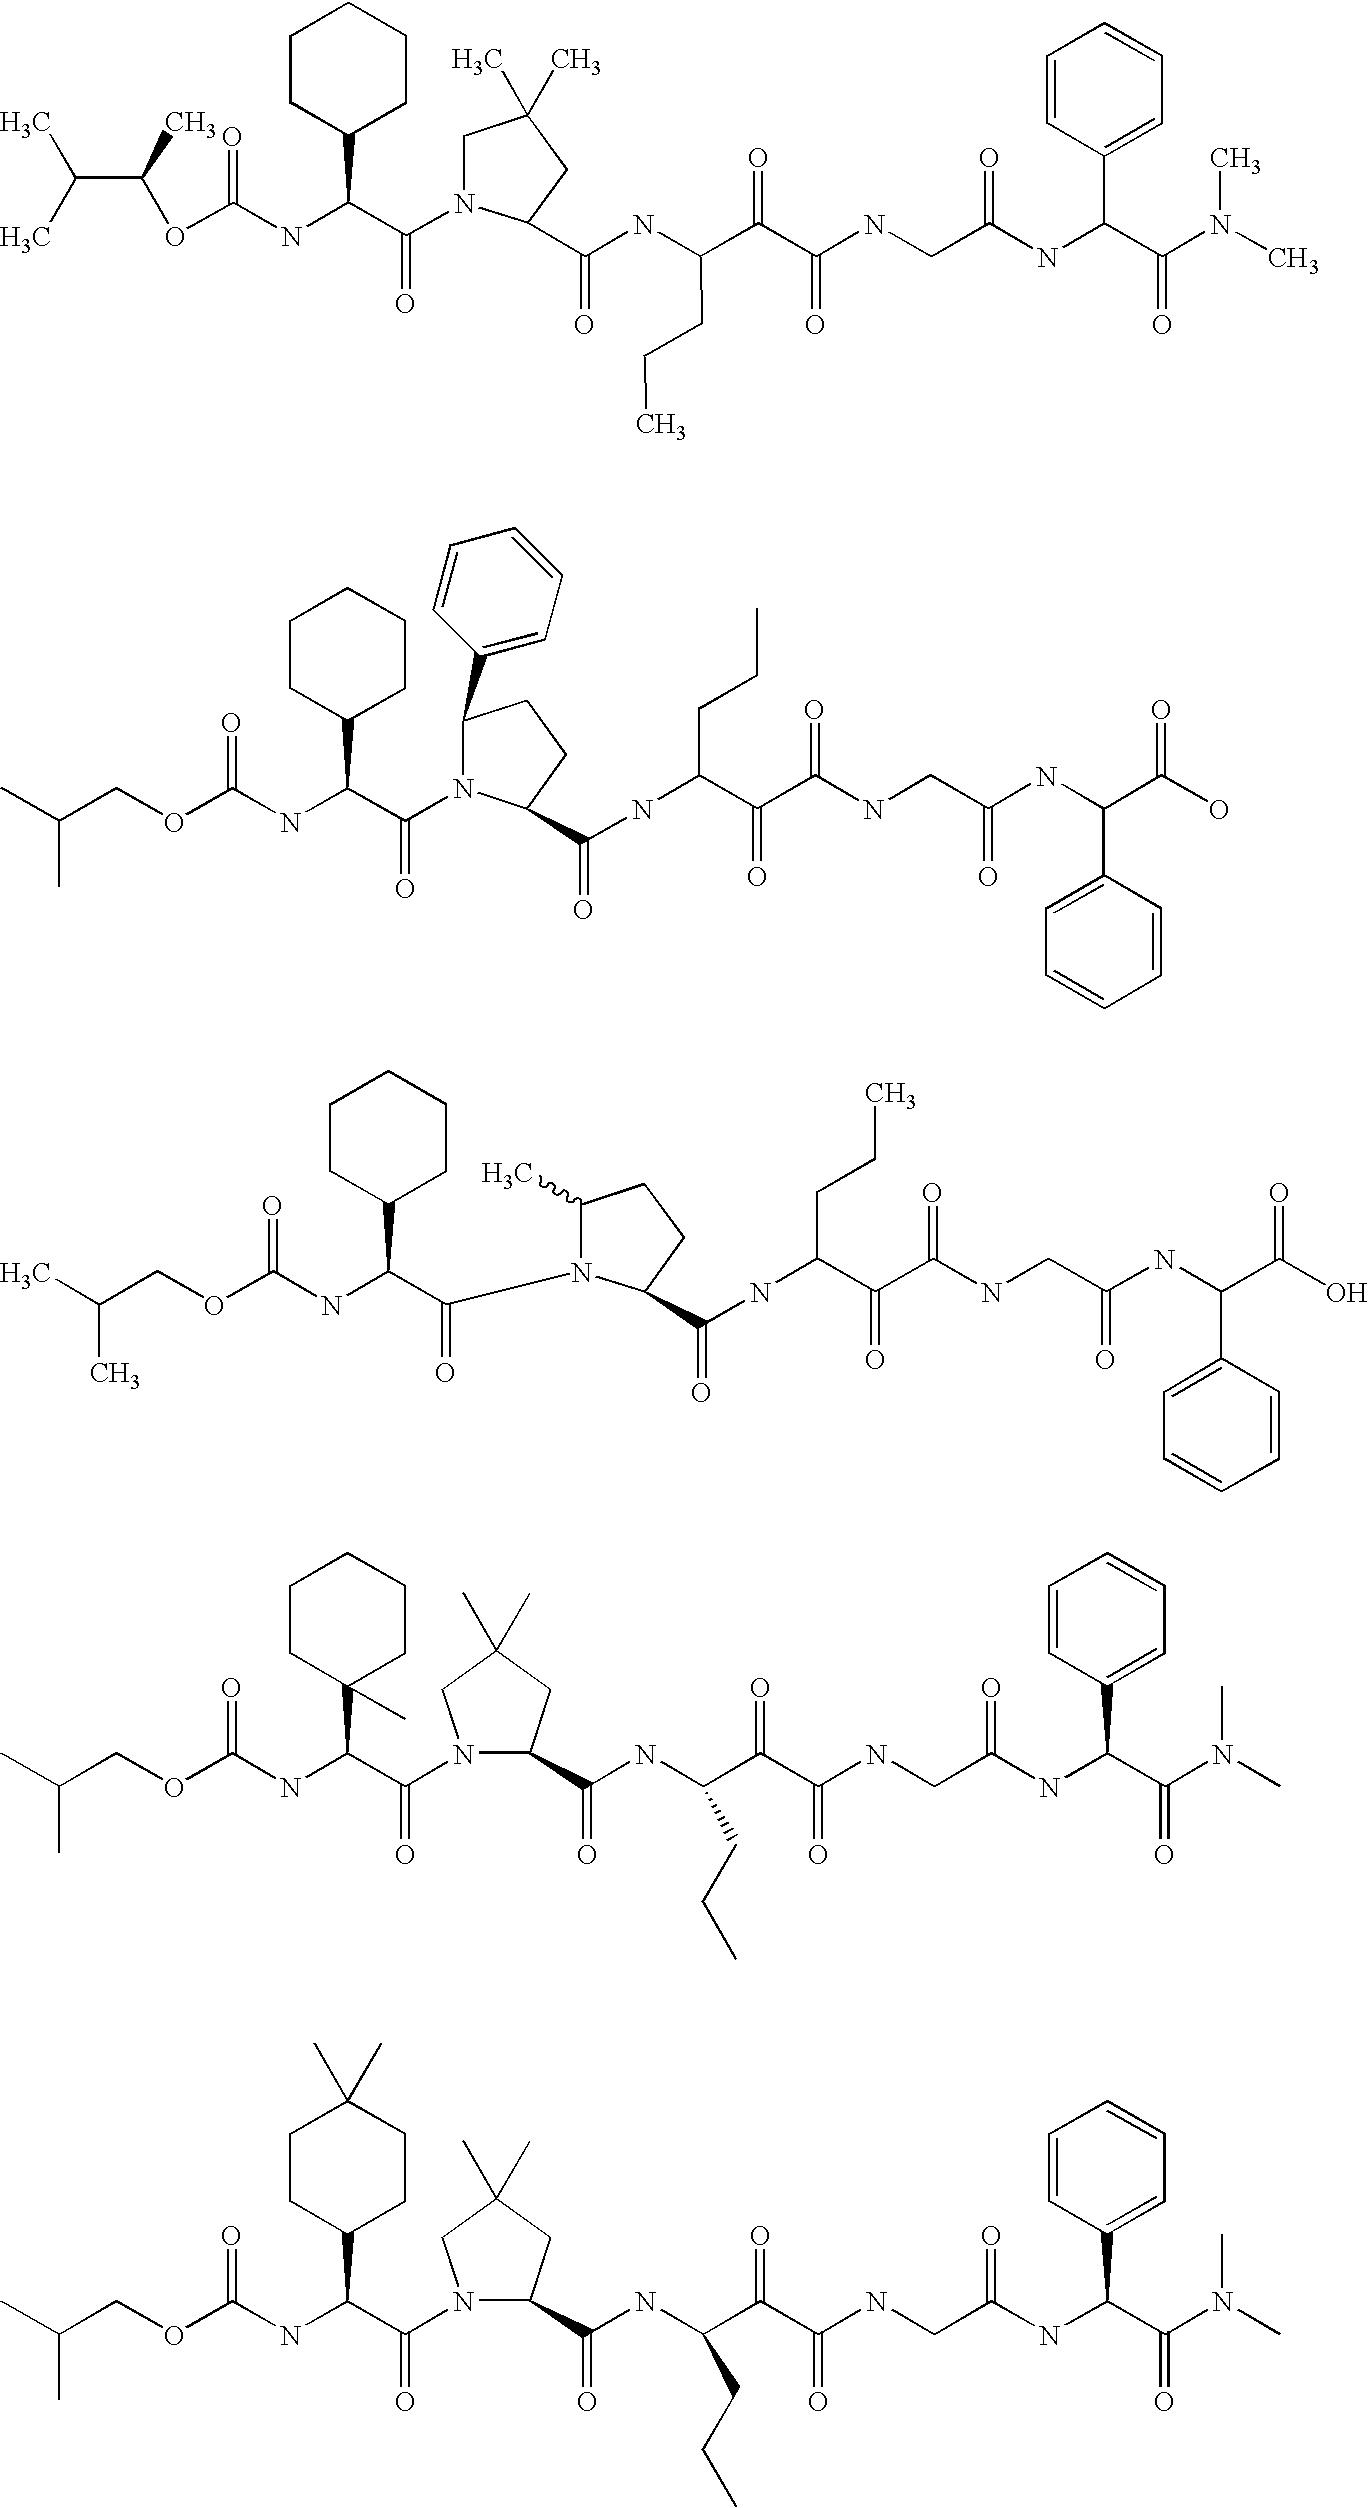 Figure US20060287248A1-20061221-C00141